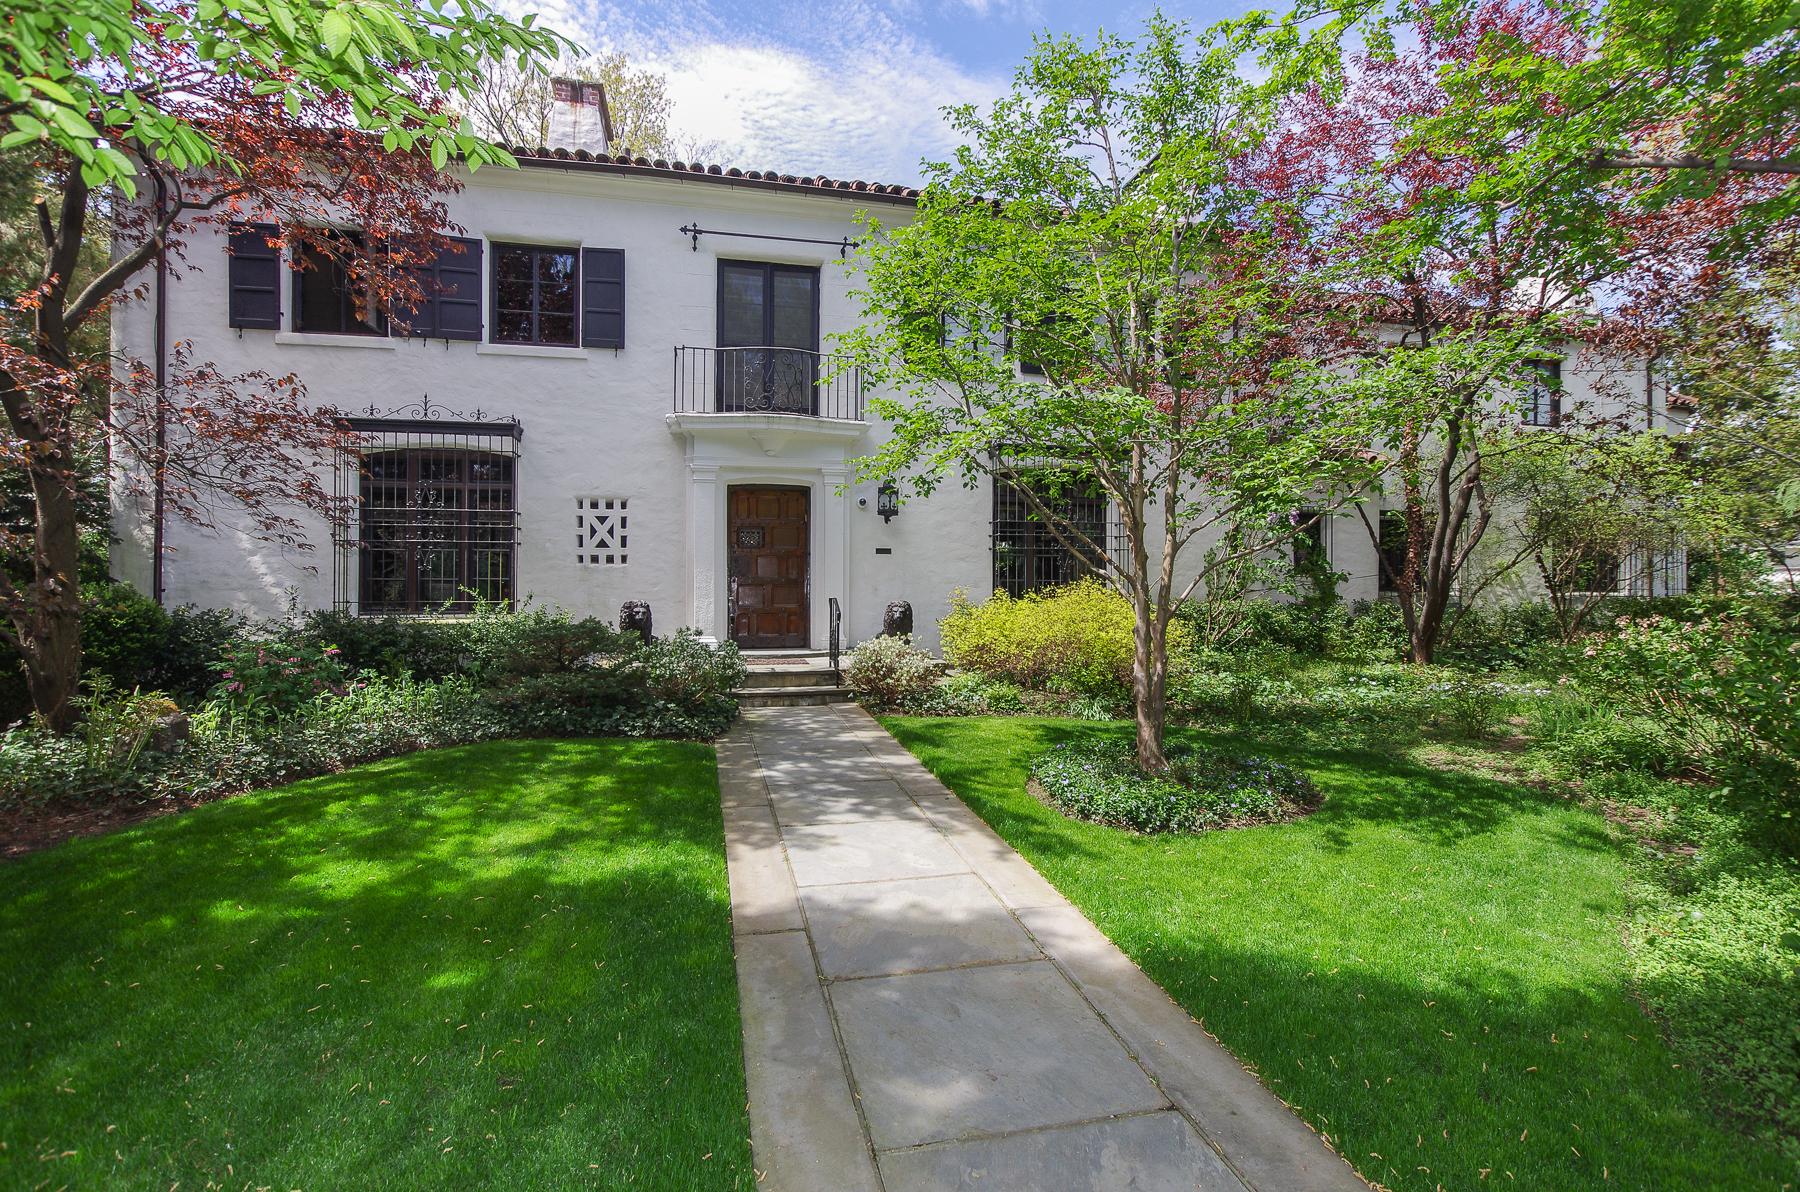 Maison unifamiliale pour l Vente à Dwight Baum Mediterranean Spanish Revival 5021 Iselin Avenue Riverdale, New York 10471 États-Unis